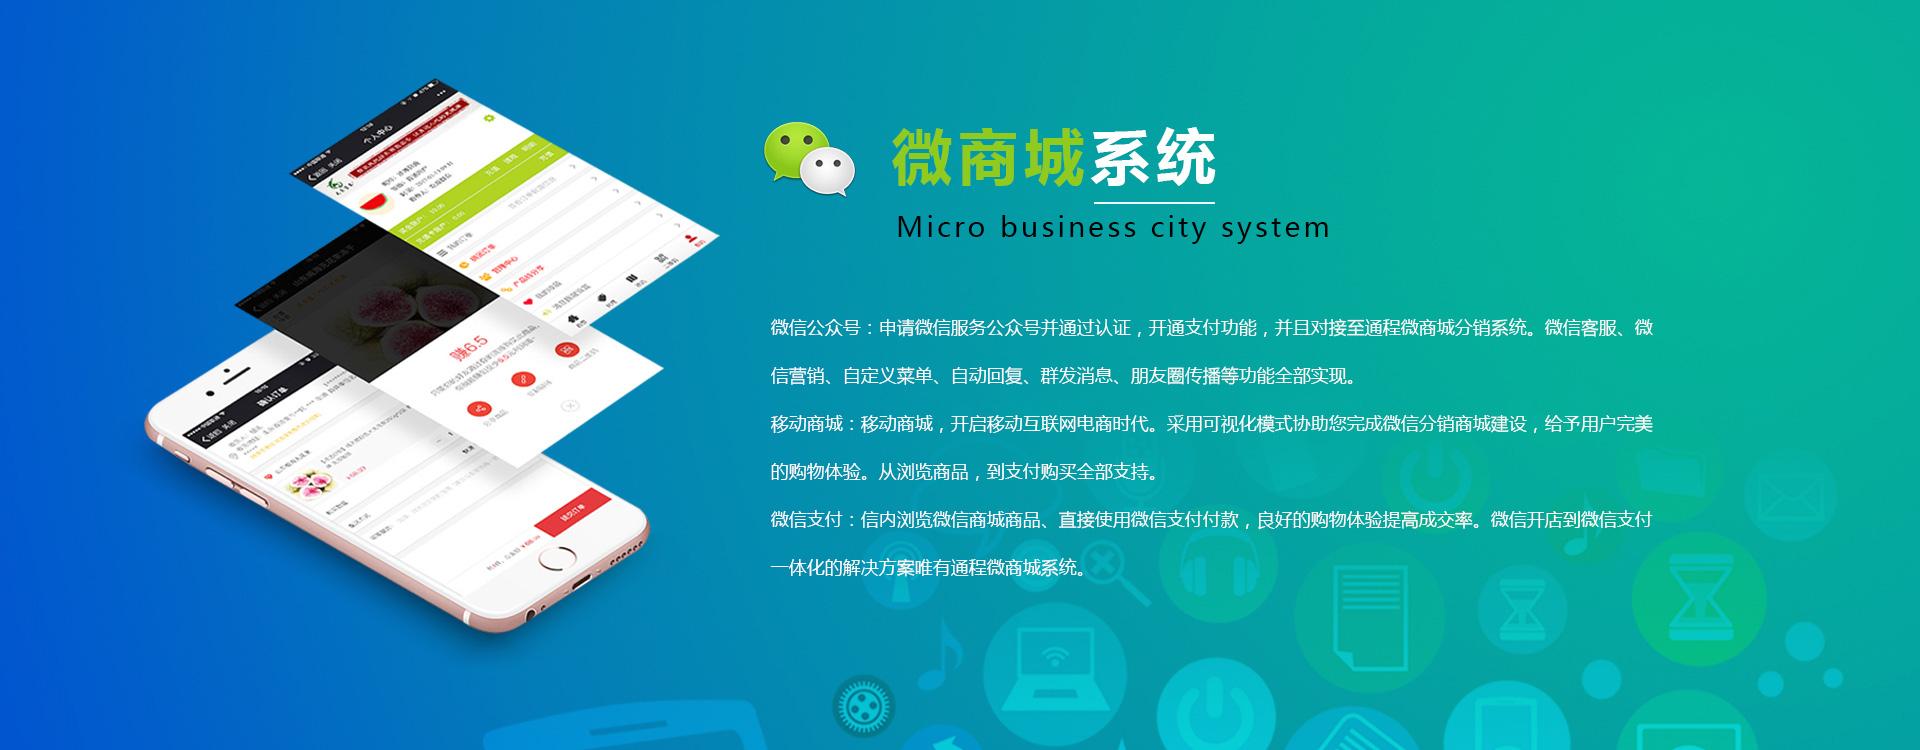 微分销商城系统